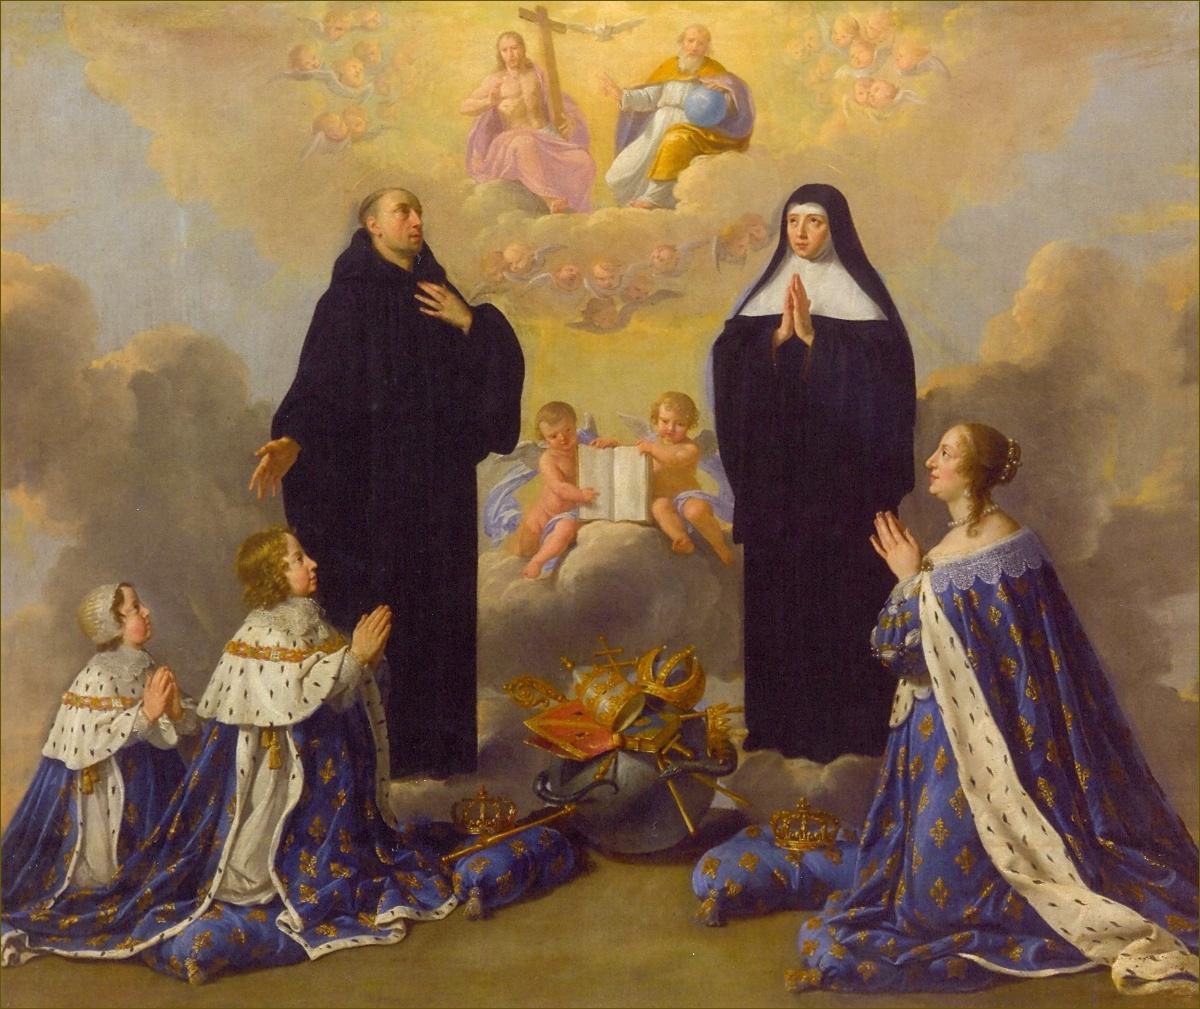 Anne d'Autriche et ses deux fils, présentés par St Benoît et Ste Scholastique, adorant la Sainte-Trinité, en 1646, par Philippe de Champaigne